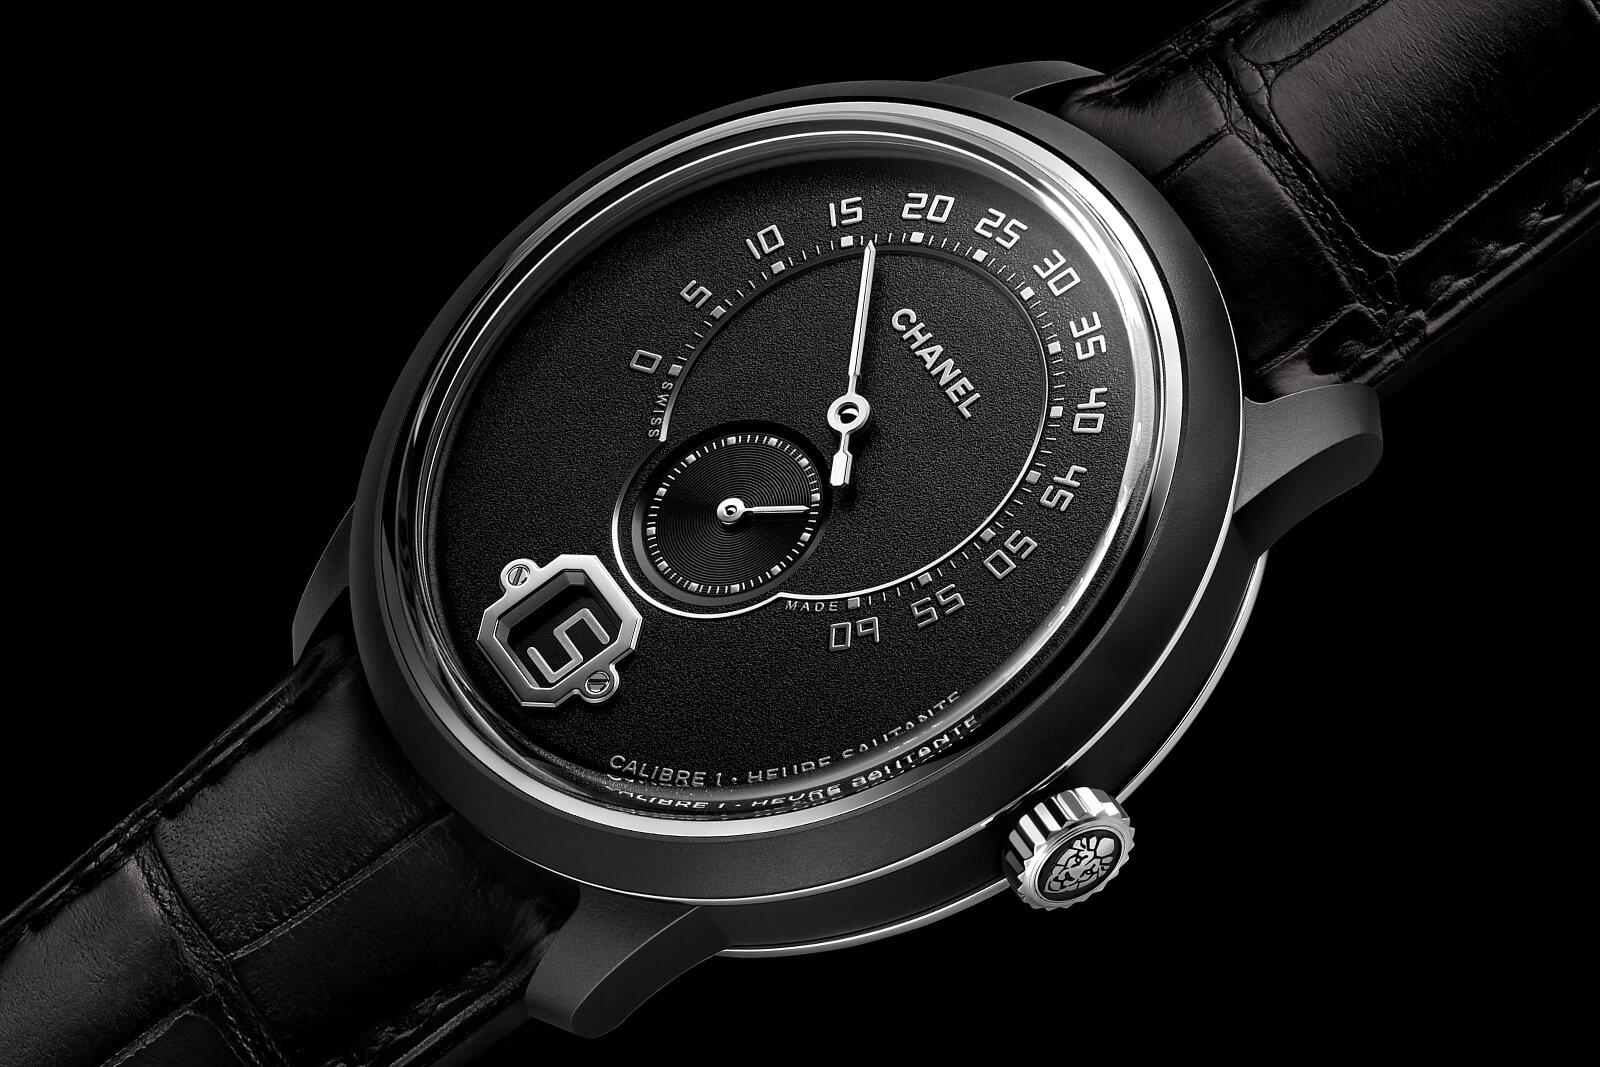 CHANEL Monsieur Édition Noire Black Ceramic Watch